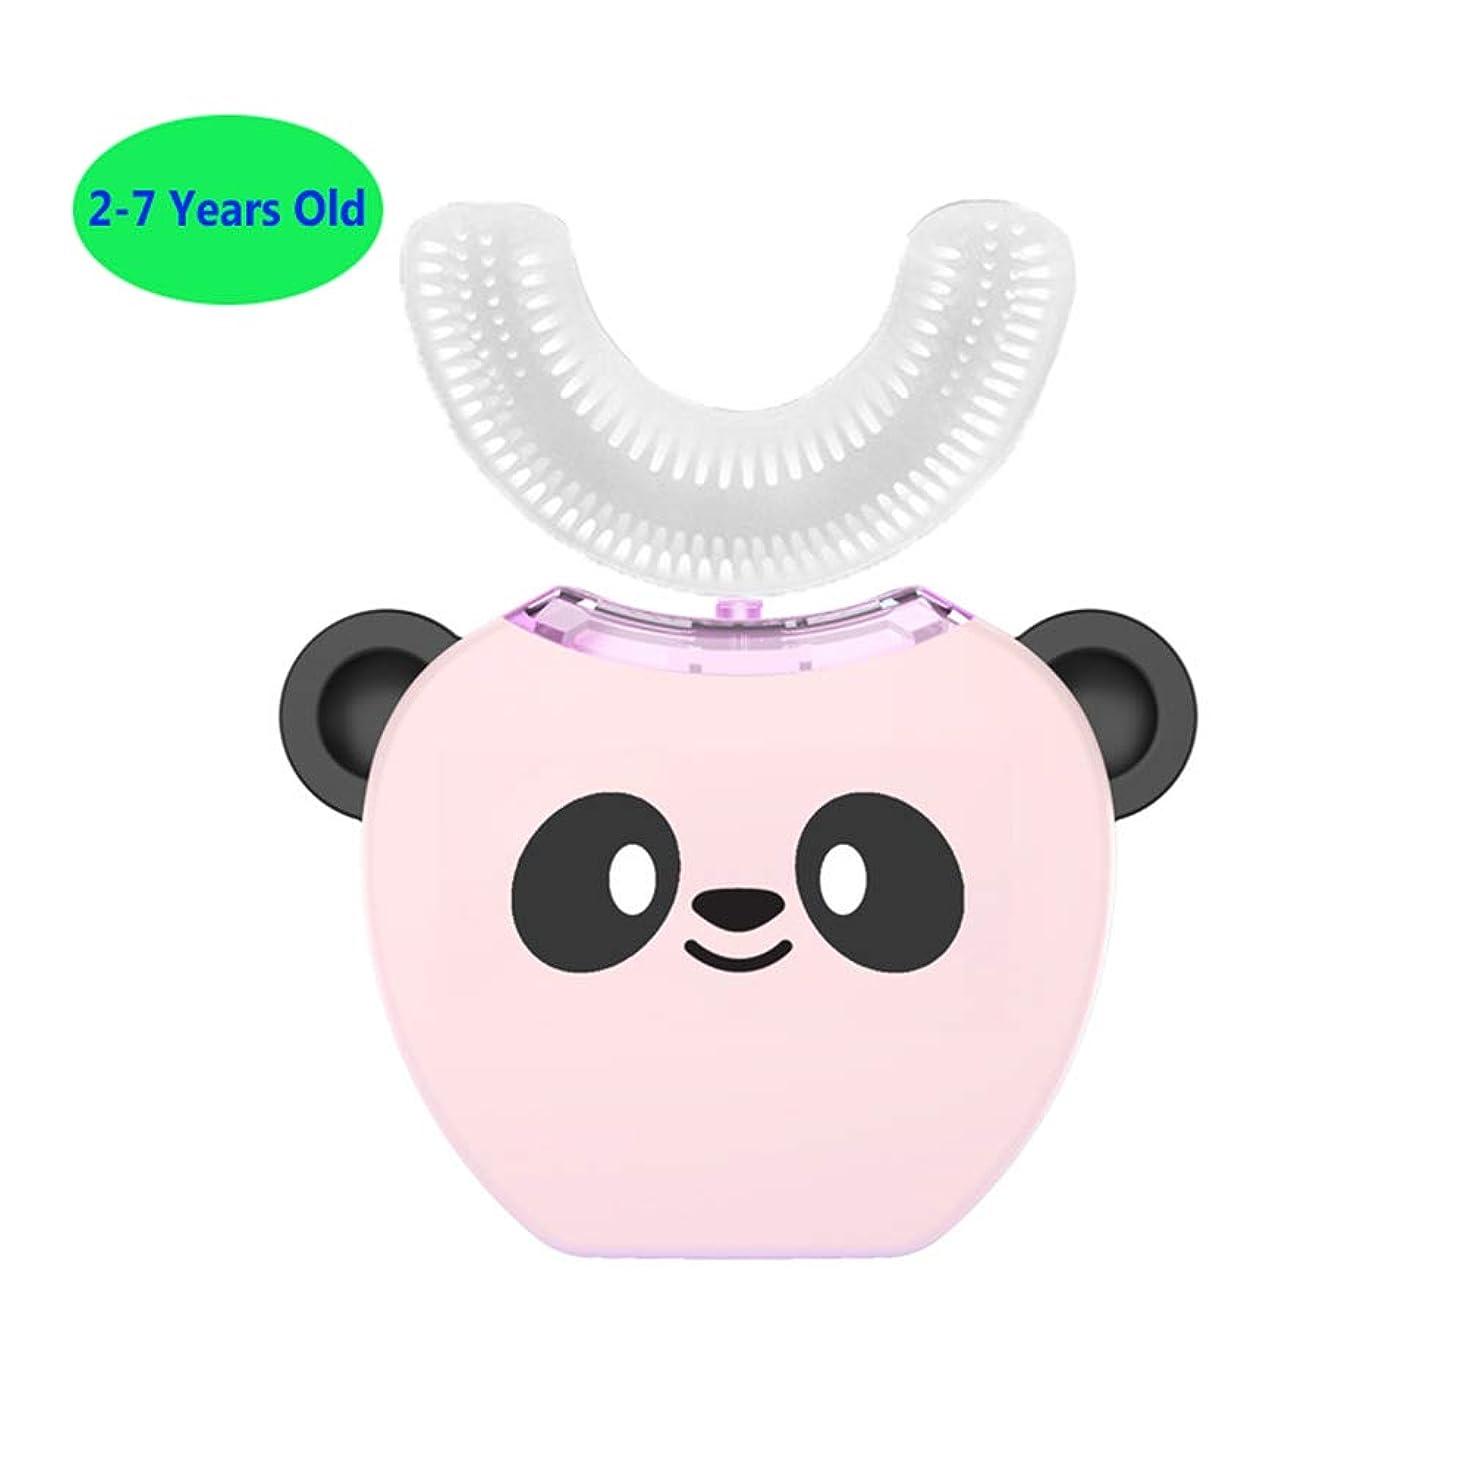 責める反射喉頭子供のためのフルオートの電動歯ブラシ、360°超音波電動歯ブラシ、冷光、美白装置、自動歯ブラシ、ワイヤレス充電ドック,Pink,2/7Years